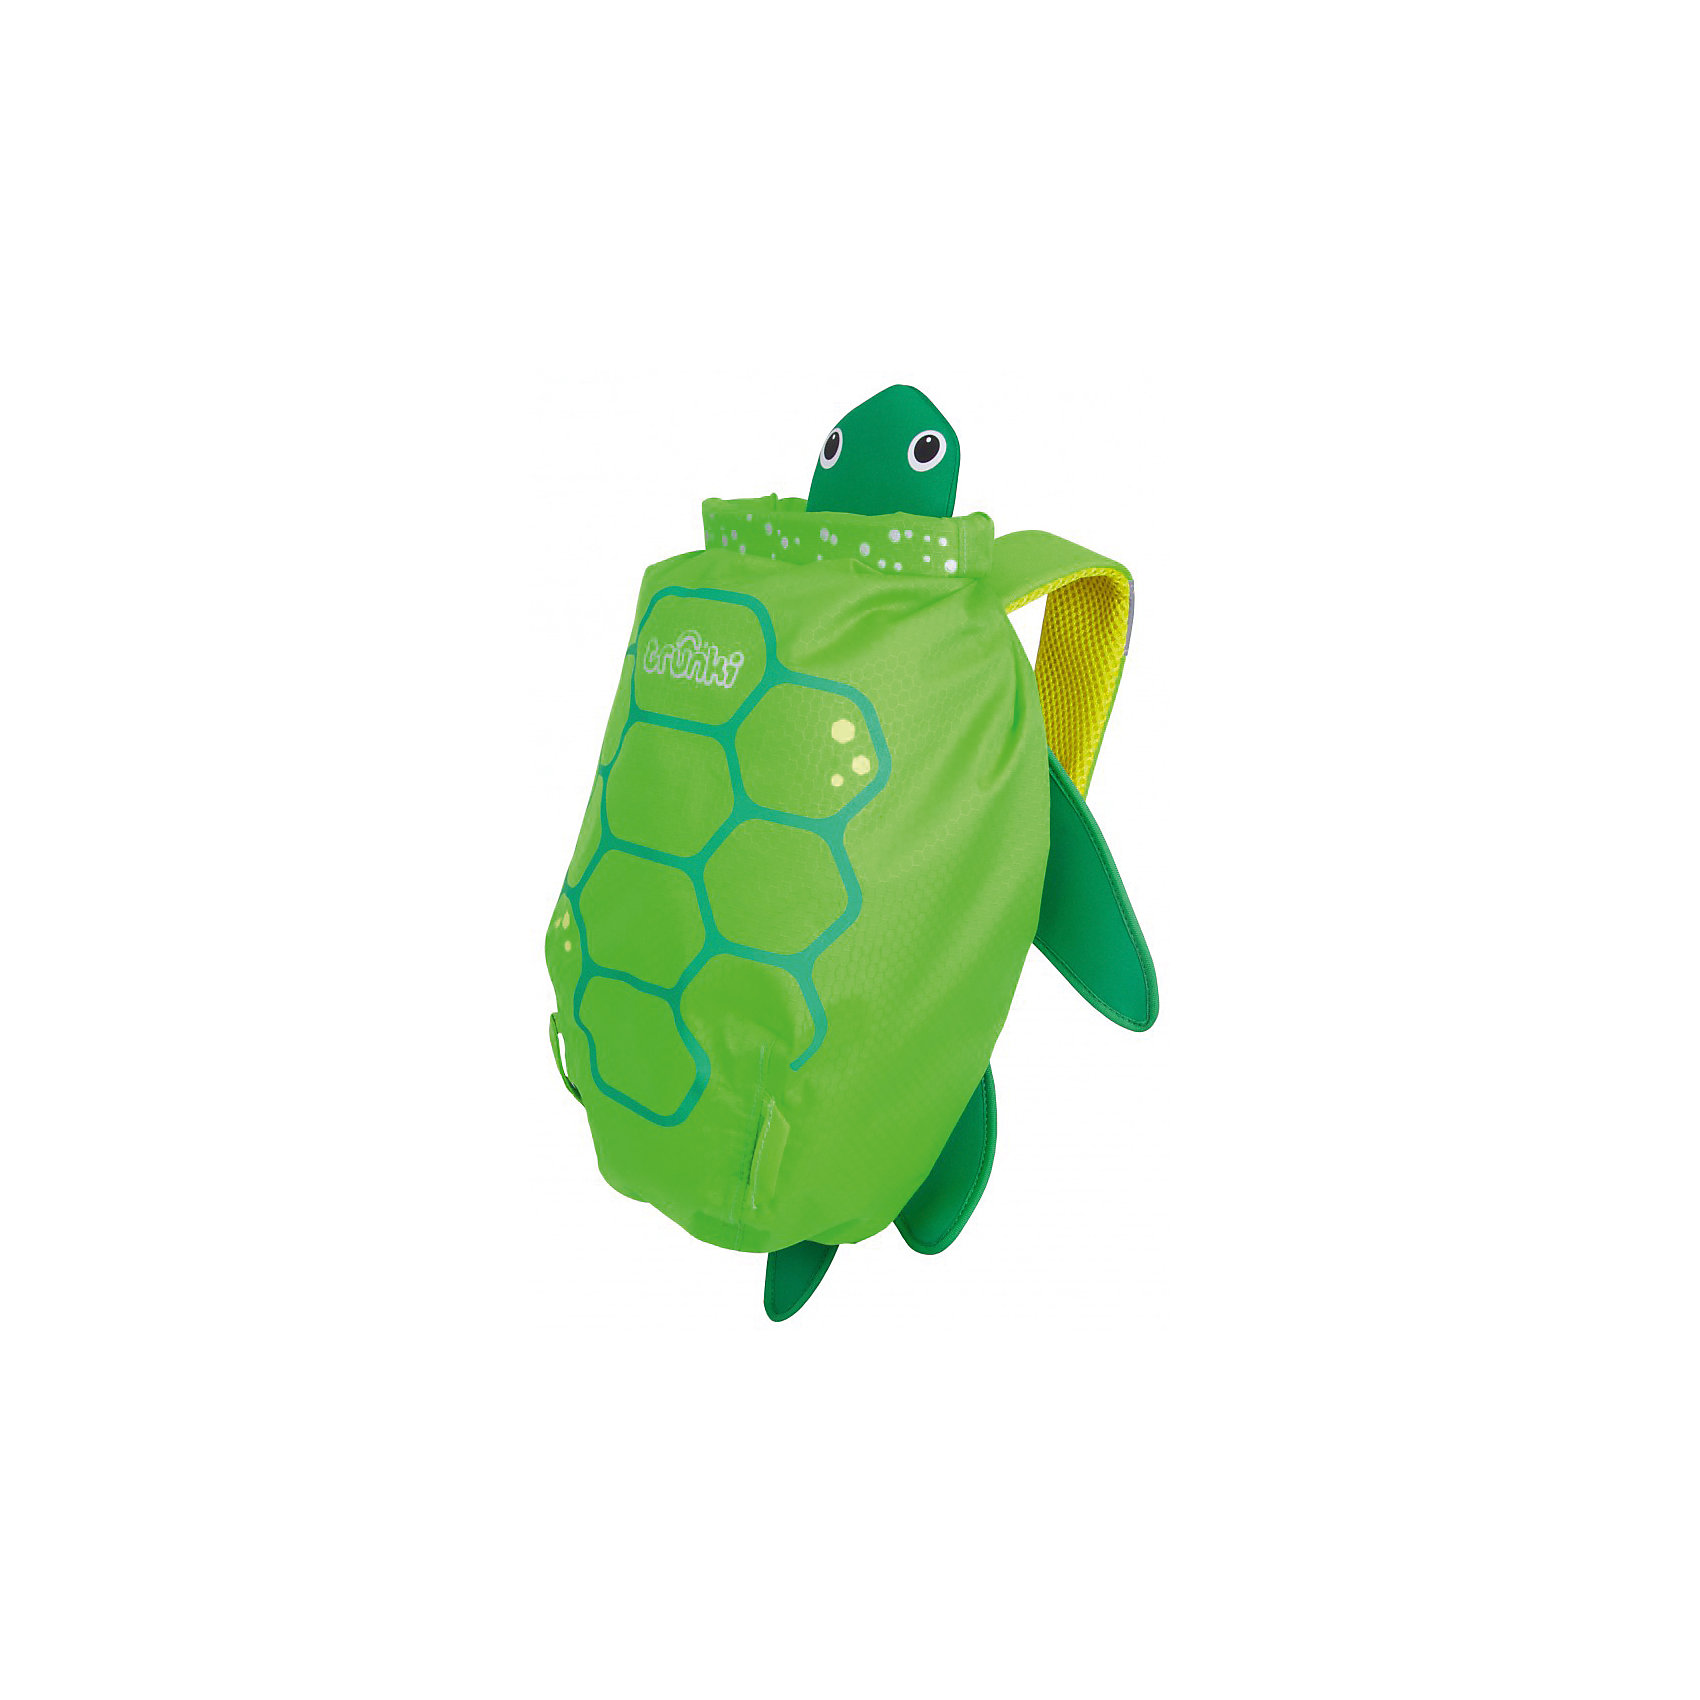 Рюкзак для бассейна и пляжа ЧерепахаОчки, маски, ласты, шапочки<br>Рюкзак для бассейна и пляжа Черепаха – это верный спутник вашего ребенка в бассейне или на пляже.<br>Яркий водонепроницаемый рюкзак для бассейна и пляжа выполнен в виде зеленой черепахи с лапками, головой и панцирем. Благодаря размеру он идеально подходит для раздевалок в бассейне или в школе. Спинка рюкзака выполнена из сетчатой дышащей ткани air mesh, поэтому даже самые жаркие летние дни спина ребенка не будет потеть. Широкие плечевые лямки регулируются по длине. На одной из лямок рюкзака находится специальное силиконовое крепление с отверстием для солнечных очков. Рюкзак изготовлен из легкого прочного водоотталкивающего материала, который легко поддается чистке и стирке. Внутри рюкзака одно вместительное отделение, изготовленное из такой же водонепроницаемой ткани, что и сам рюкзак. Все швы и соединительные элементы проклеены, для надежности и защиты от протекания. Имеется место для контактной информации маленького владельца. Уникальное крепление-застежка top roll защитит содержимое рюкзака от воды. Три оборота, и горловина рюкзака плотно закрыта и зафиксирована! Для ценных вещей имеется дополнительный потайной водонепроницаемый кармашек. По всей площади рюкзака предусмотрены светоотражающие элементы, отвечающие за безопасность ребенка в темное время суток.<br><br>Дополнительная информация:<br><br>- Возраст: от 3 лет<br>- Для мальчиков и девочек<br>- Цвет: зеленый.<br>- Материал: текстиль, пластик.<br>- Размер рюкзака: 49 х 41 х 10 см.<br>- Вес: 180 гр.<br><br>Рюкзак для бассейна и пляжа Черепаха можно купить в нашем интернет-магазине.<br><br>Ширина мм: 370<br>Глубина мм: 290<br>Высота мм: 170<br>Вес г: 170<br>Возраст от месяцев: 24<br>Возраст до месяцев: 168<br>Пол: Унисекс<br>Возраст: Детский<br>SKU: 4921555